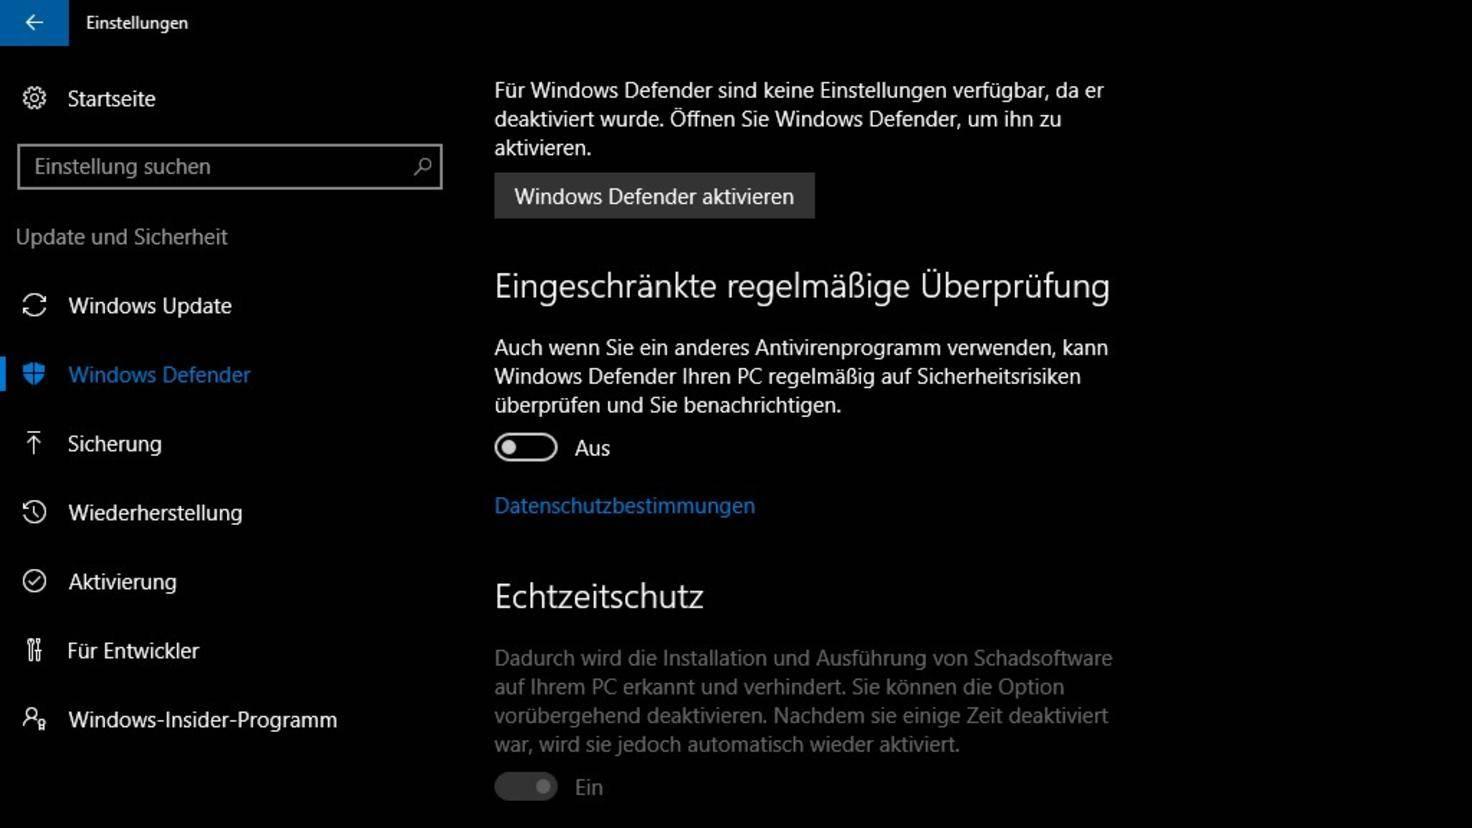 Windows Defender deaktivieren